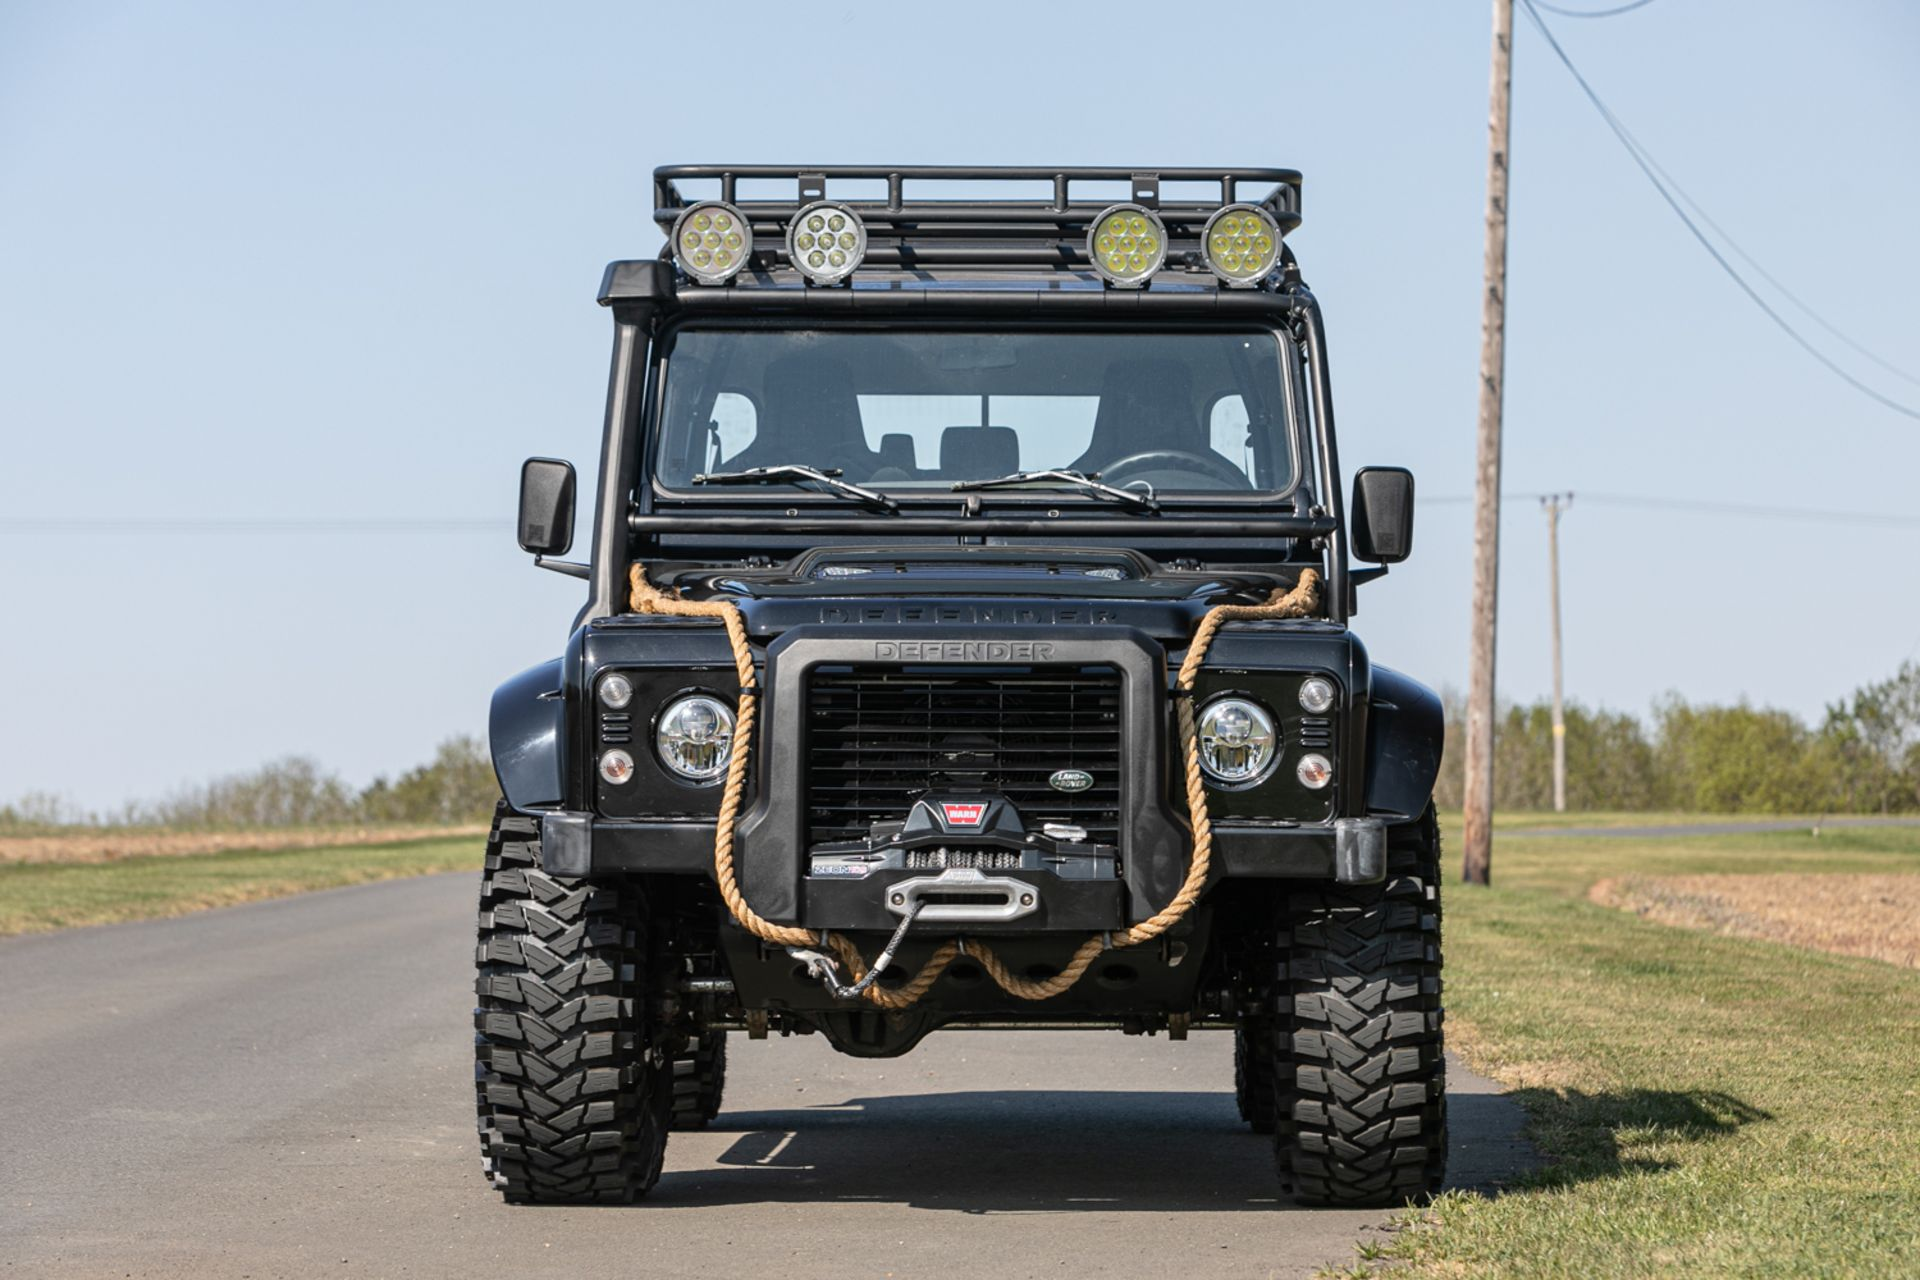 Lot 124 - 2015 Land Rover Defender 110 SVX 'Spectre' JB24